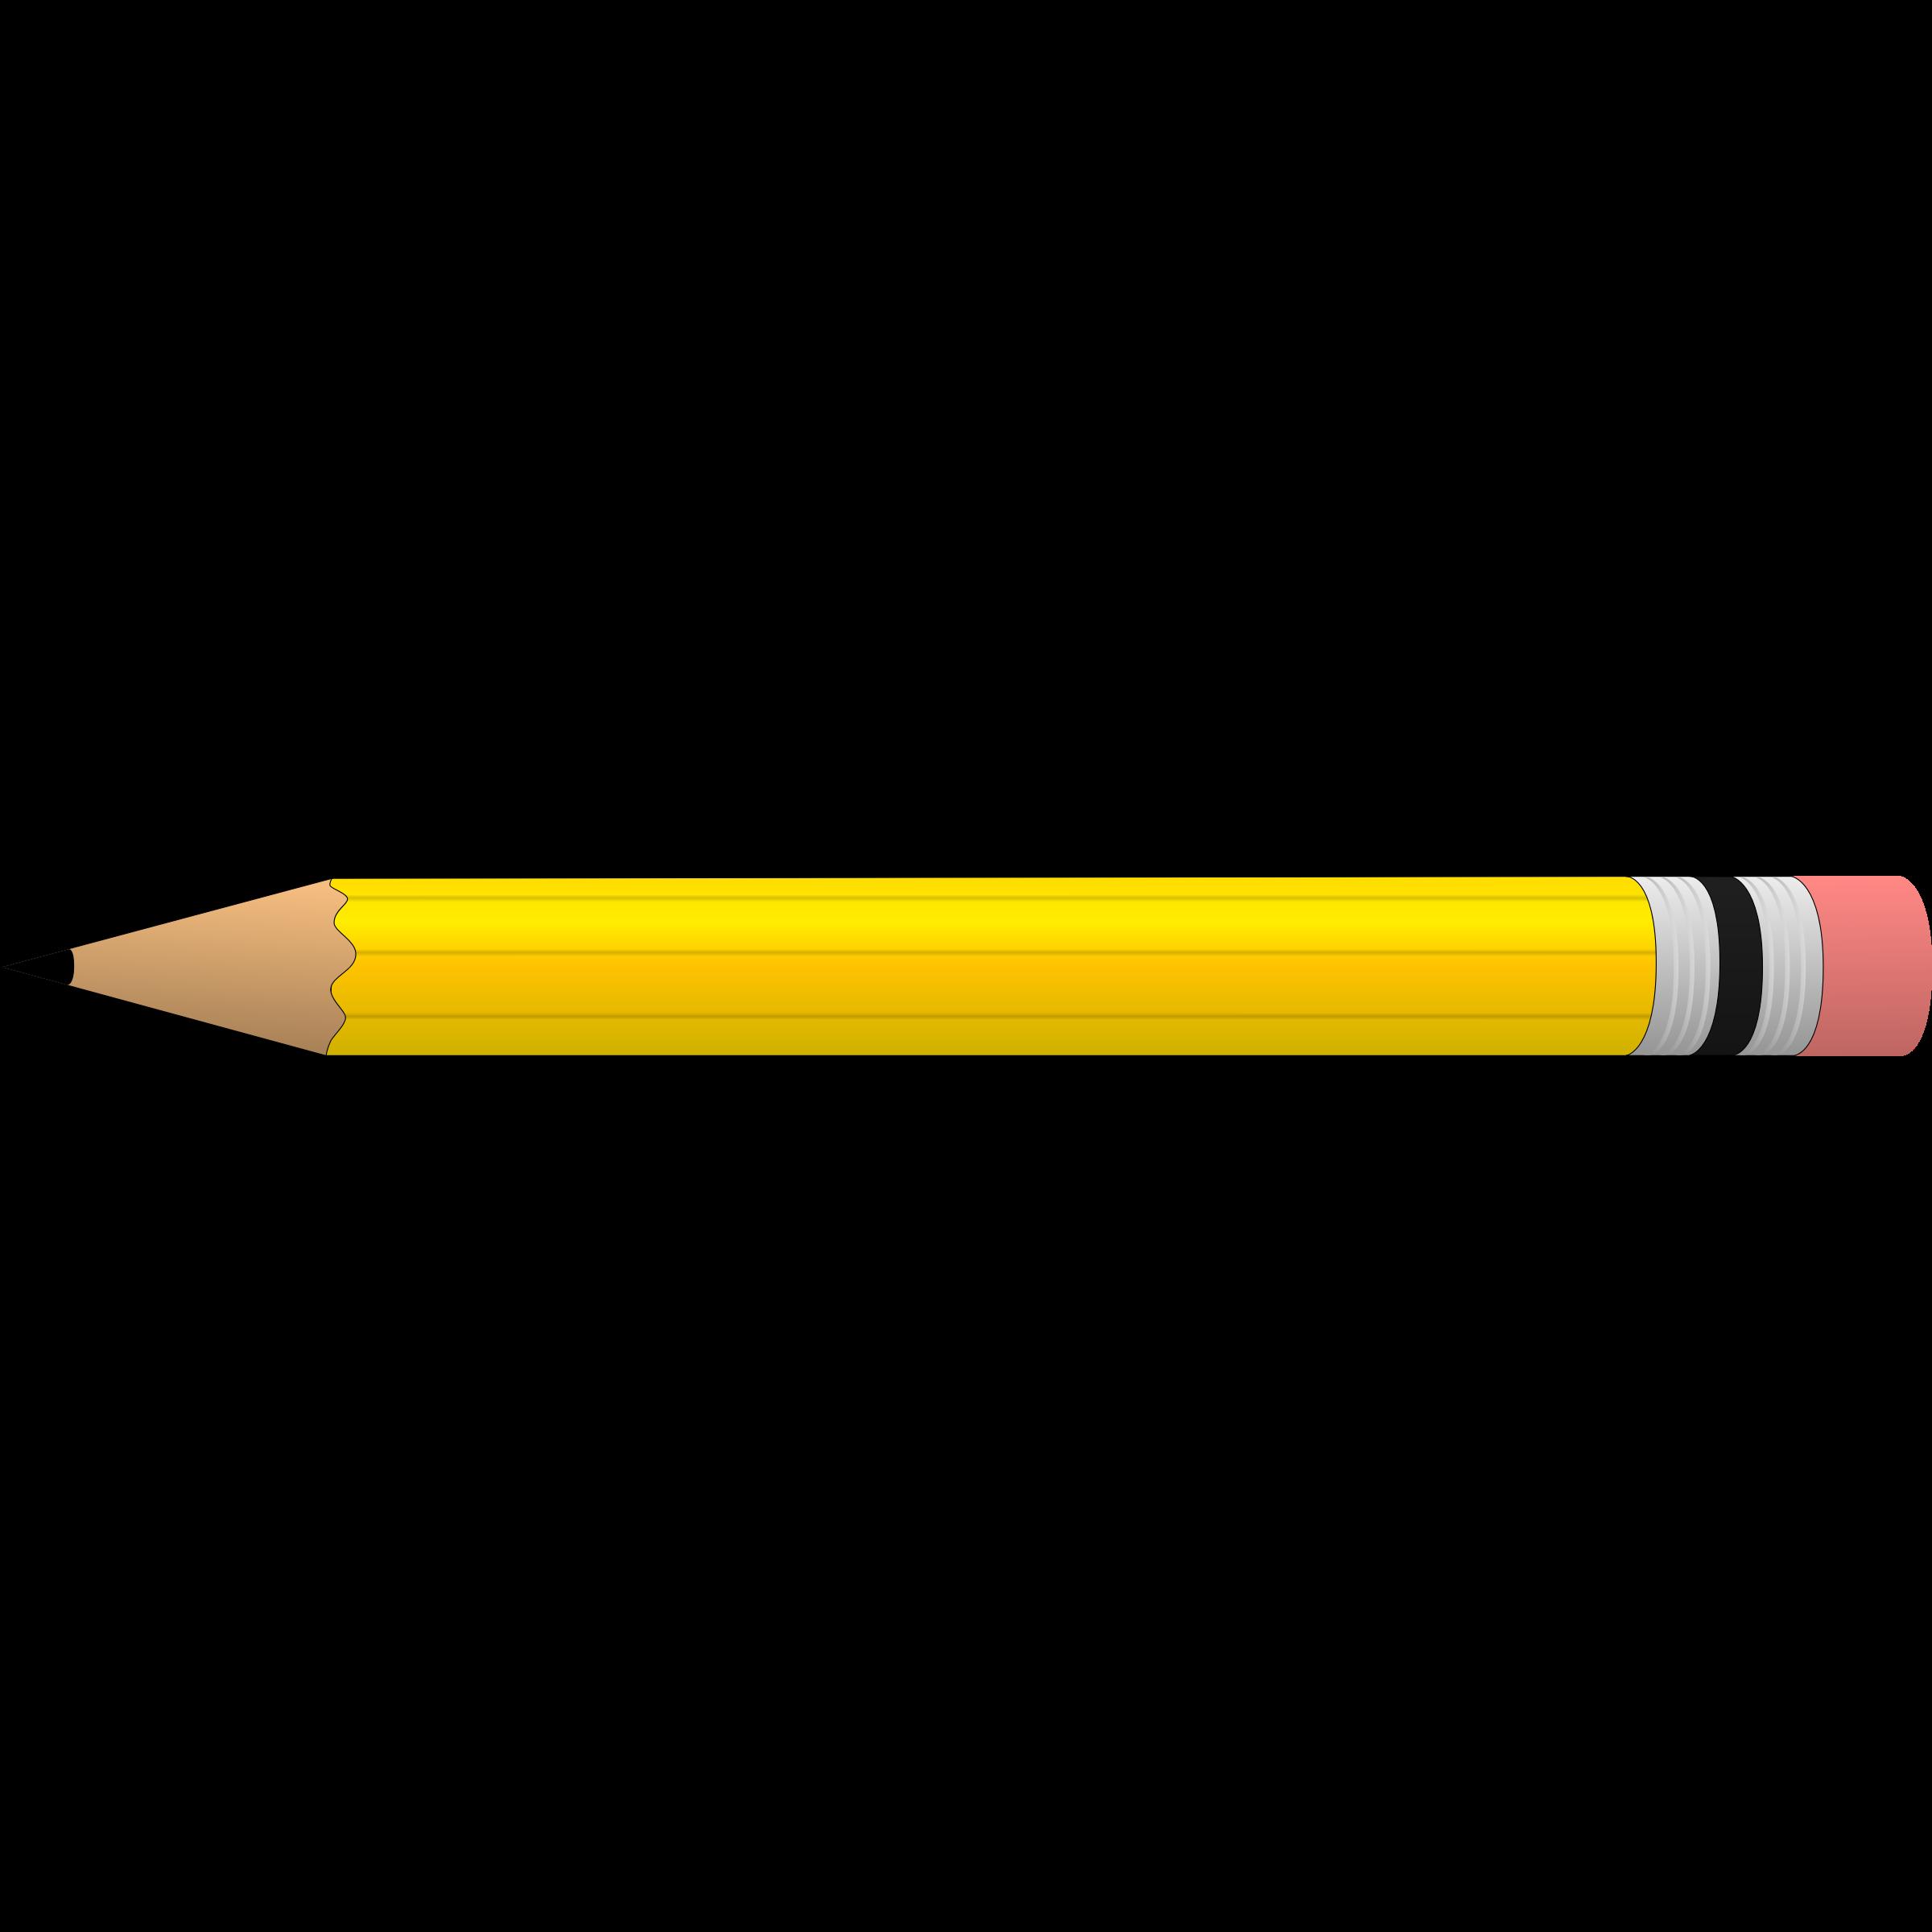 Horizontal Pencil Clipart Pencil Clipart